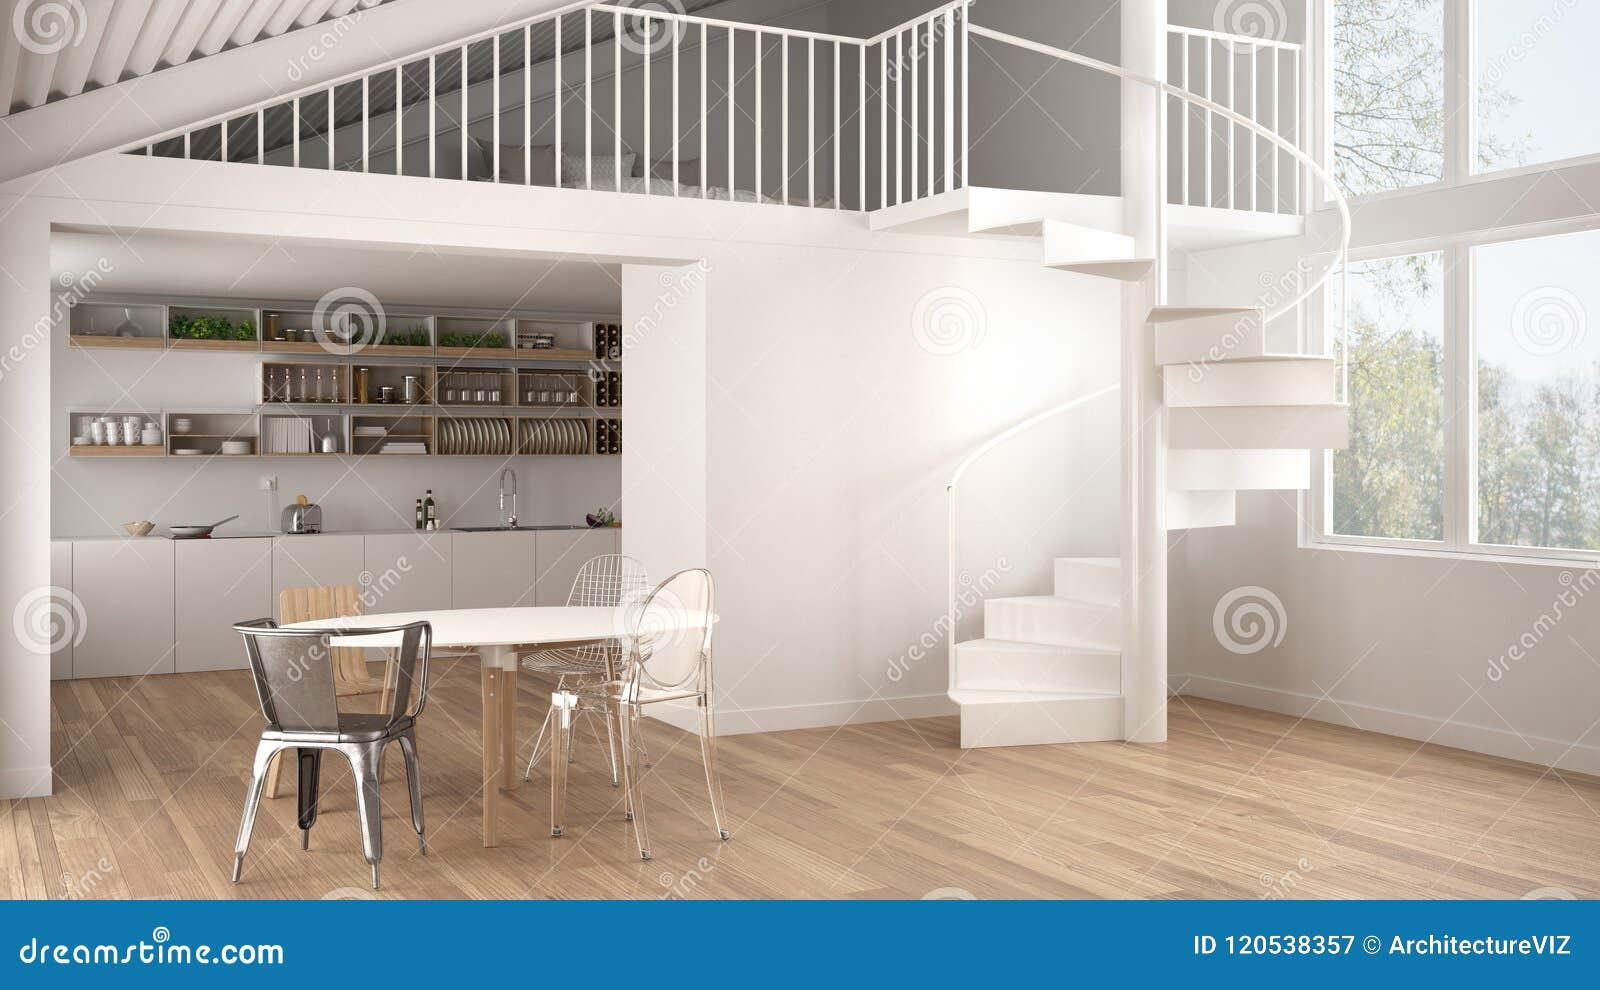 Cuisine Blanche Minimaliste Avec La Mezzanine Et Lescalier En